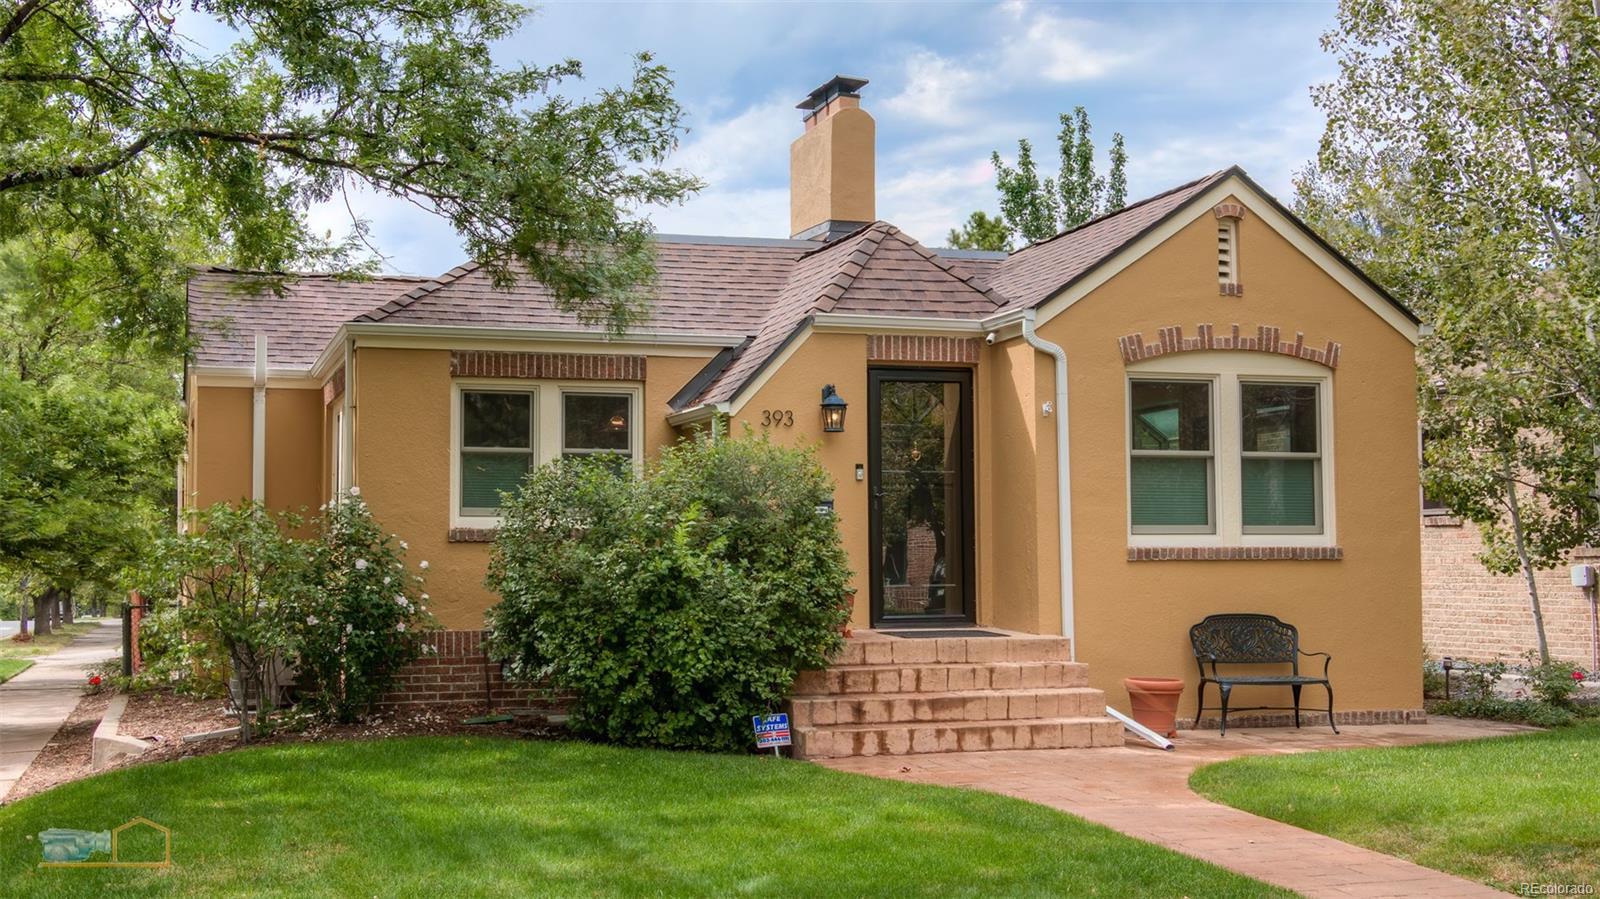 393 High Street, Denver, CO 80209 - Denver, CO real estate listing